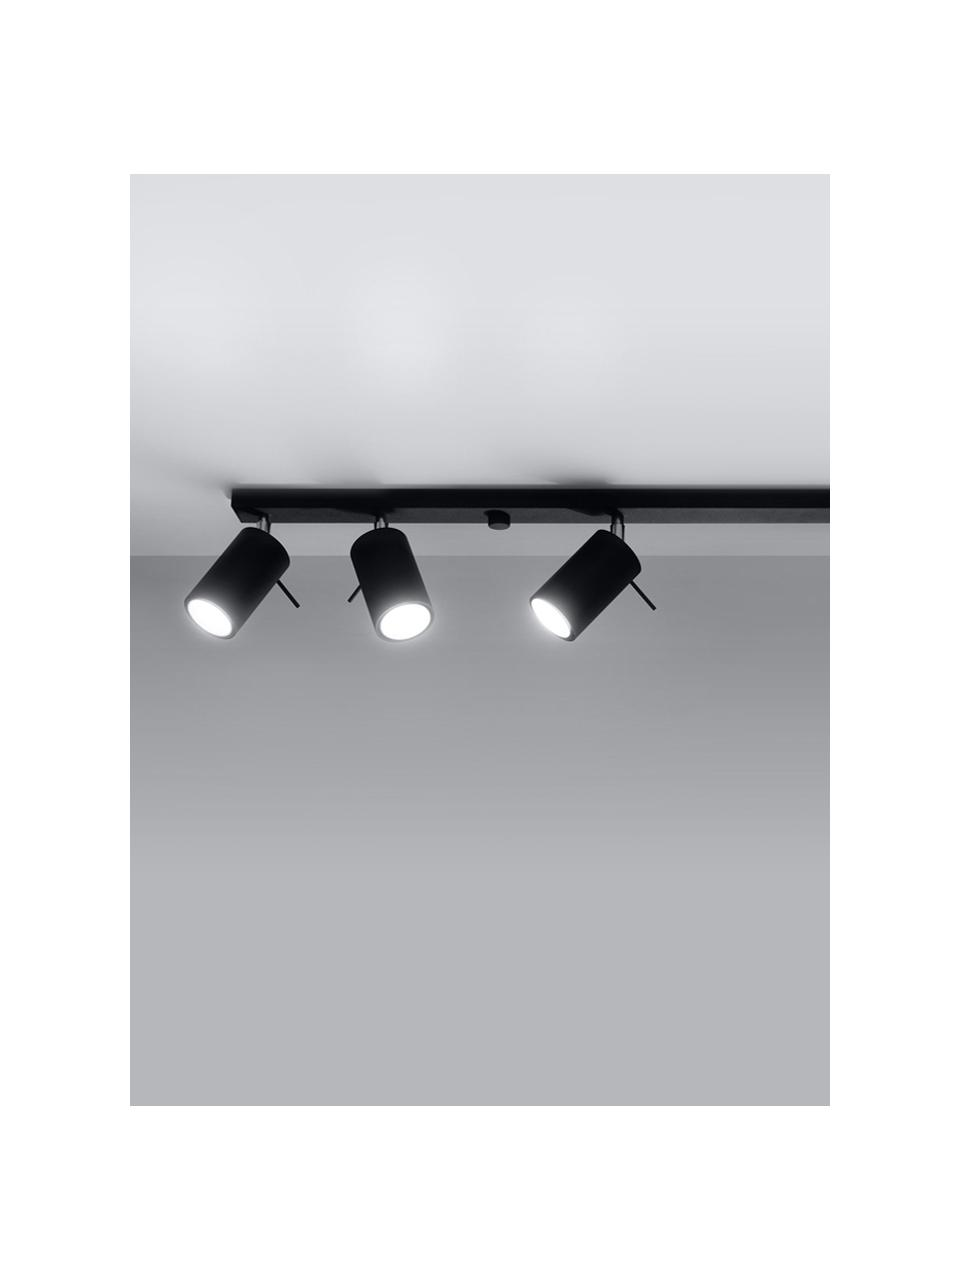 Faretti da soffitto neri Etna, Paralume: acciaio verniciato, Baldacchino: acciaio verniciato, Nero, Larg. 117 x Alt. 16 cm